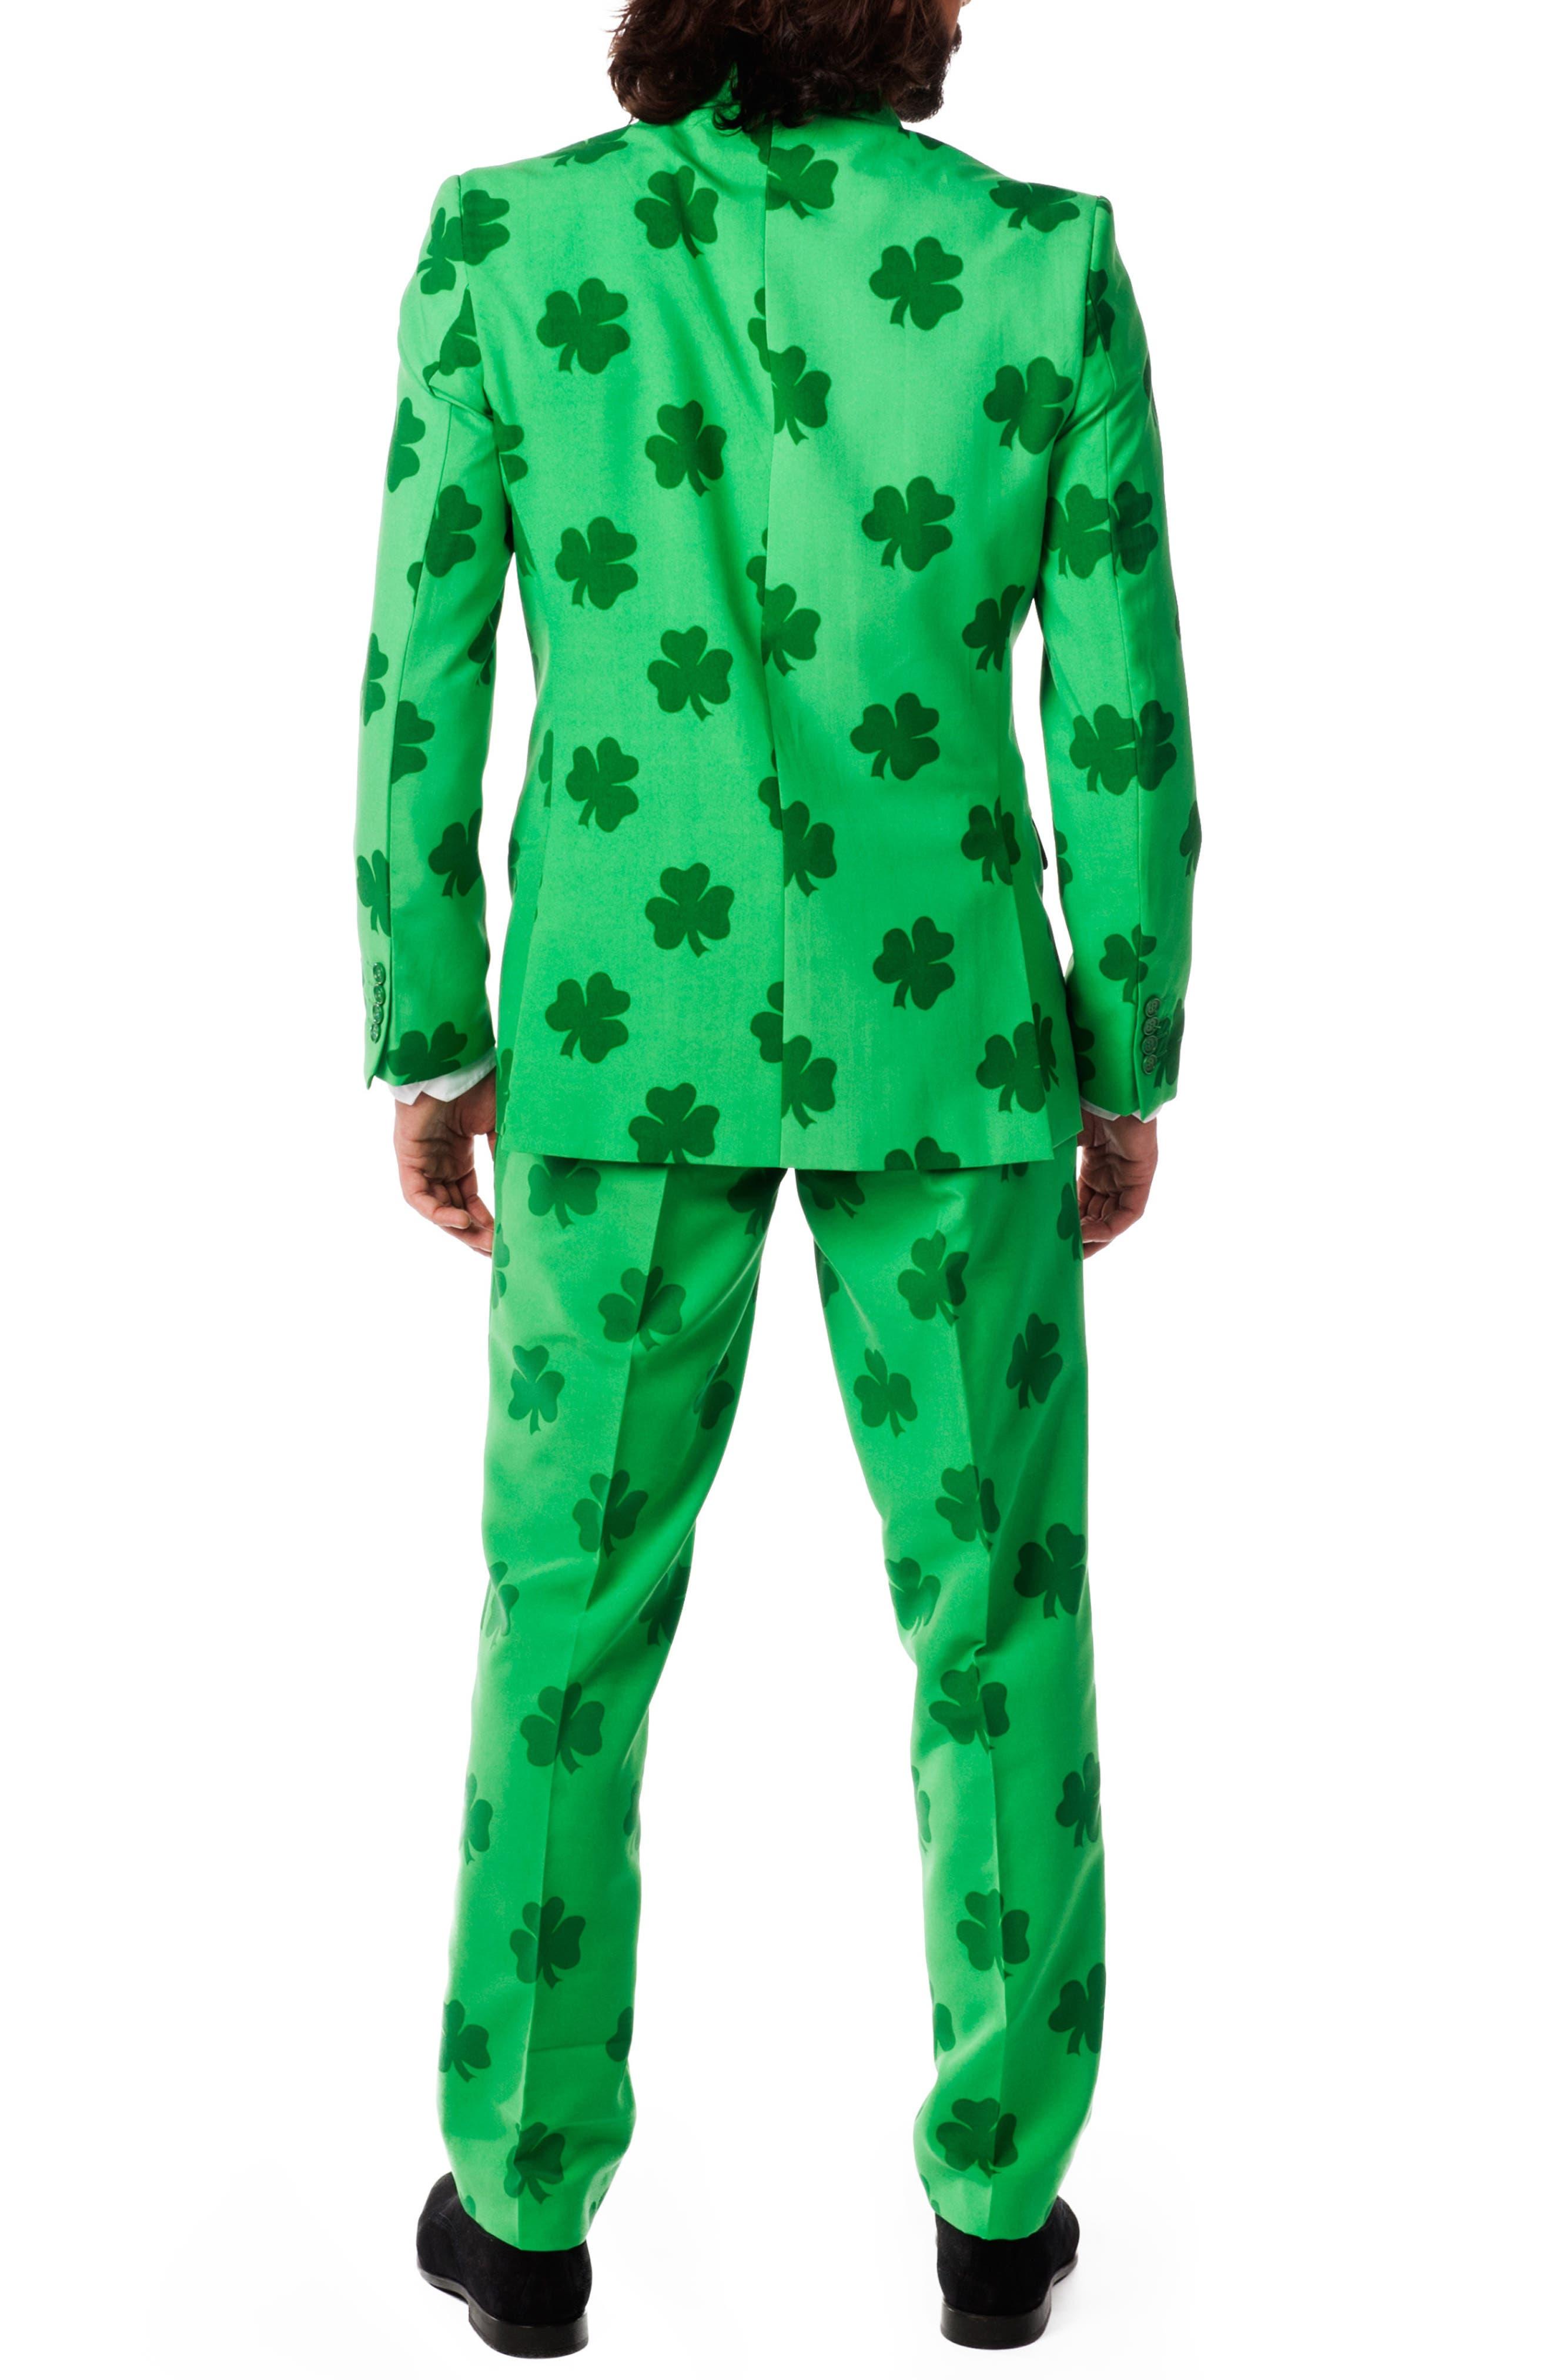 'Patrick' Trim Fit Two-Piece Suit with Tie,                             Alternate thumbnail 4, color,                             320